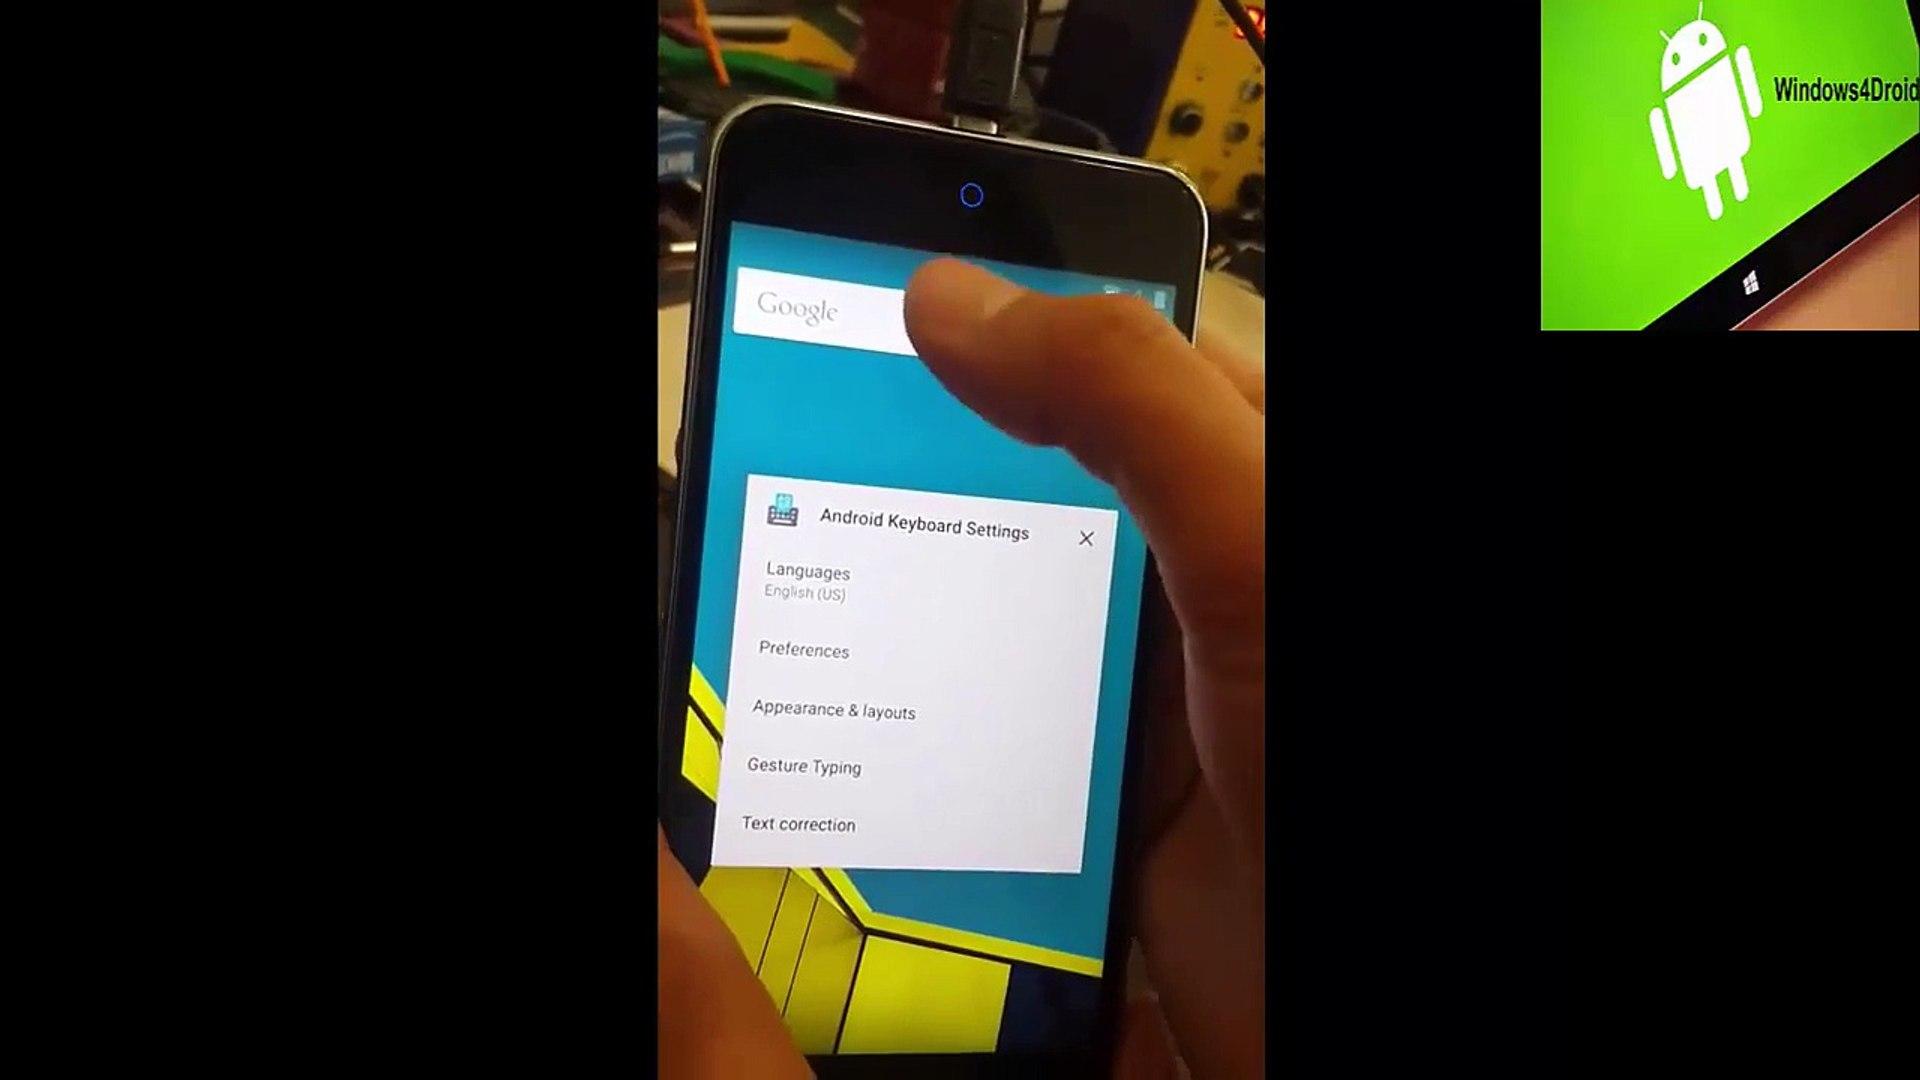 طريقة تخطي حساب جوجل لجهاز فودافون smart 6